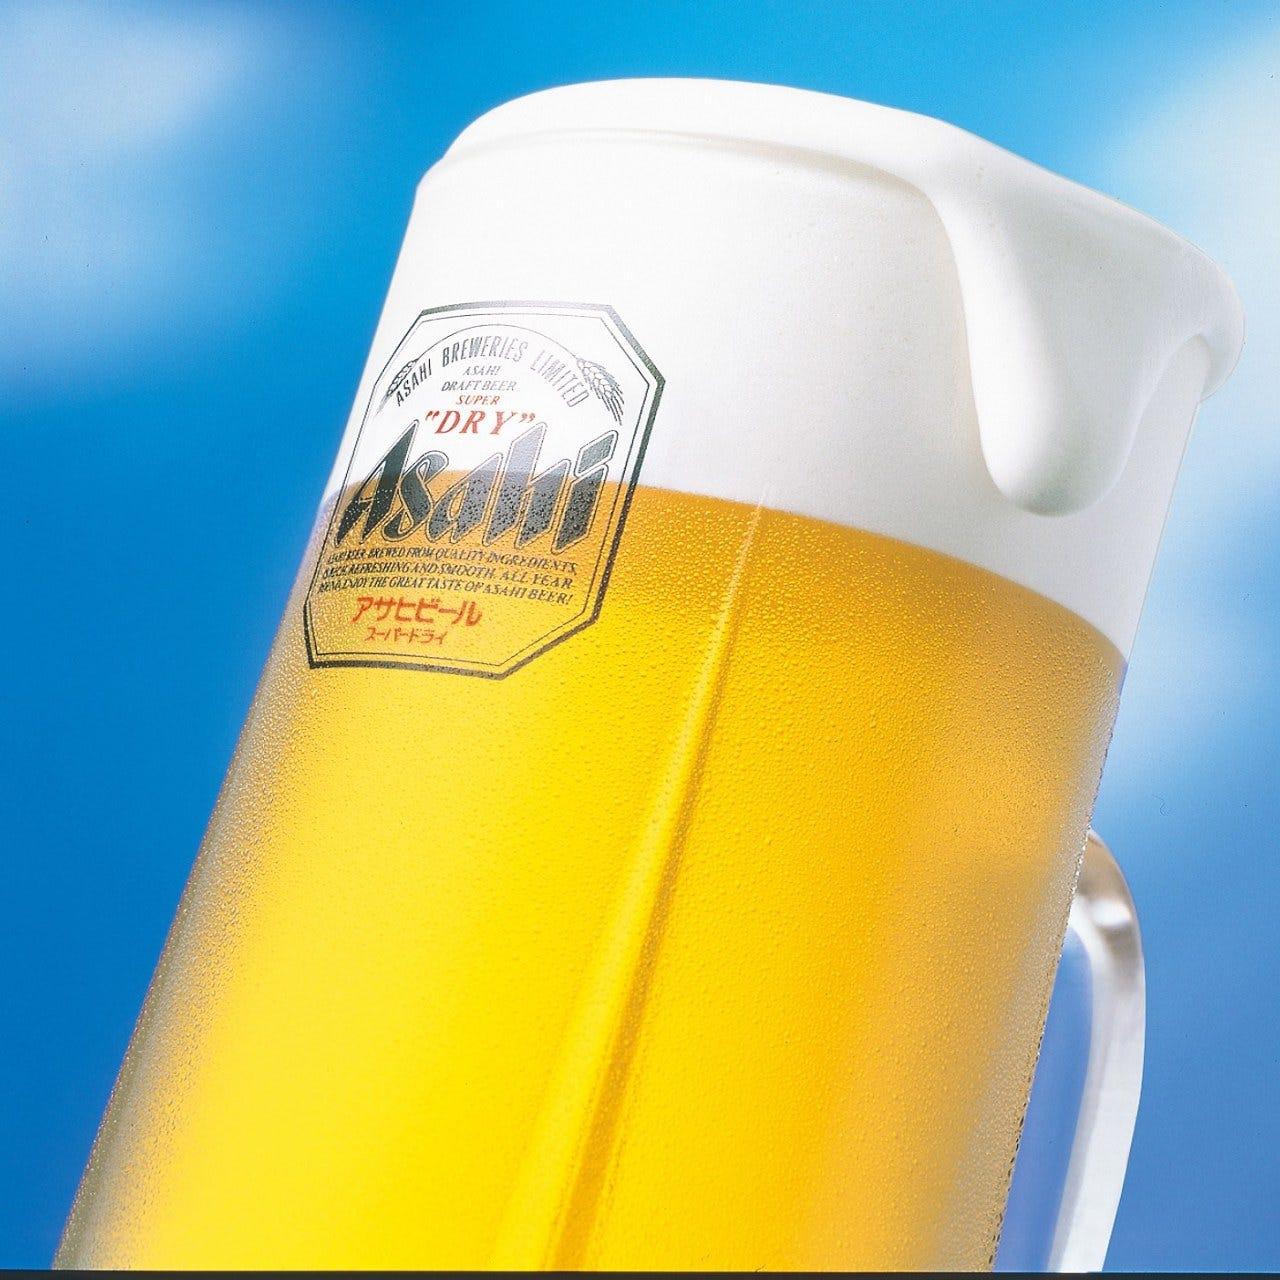 【期間限定】ビール・焼酎・カクテルなど120分飲み放題♪『単品飲み放題プラン』1,500円(税込)